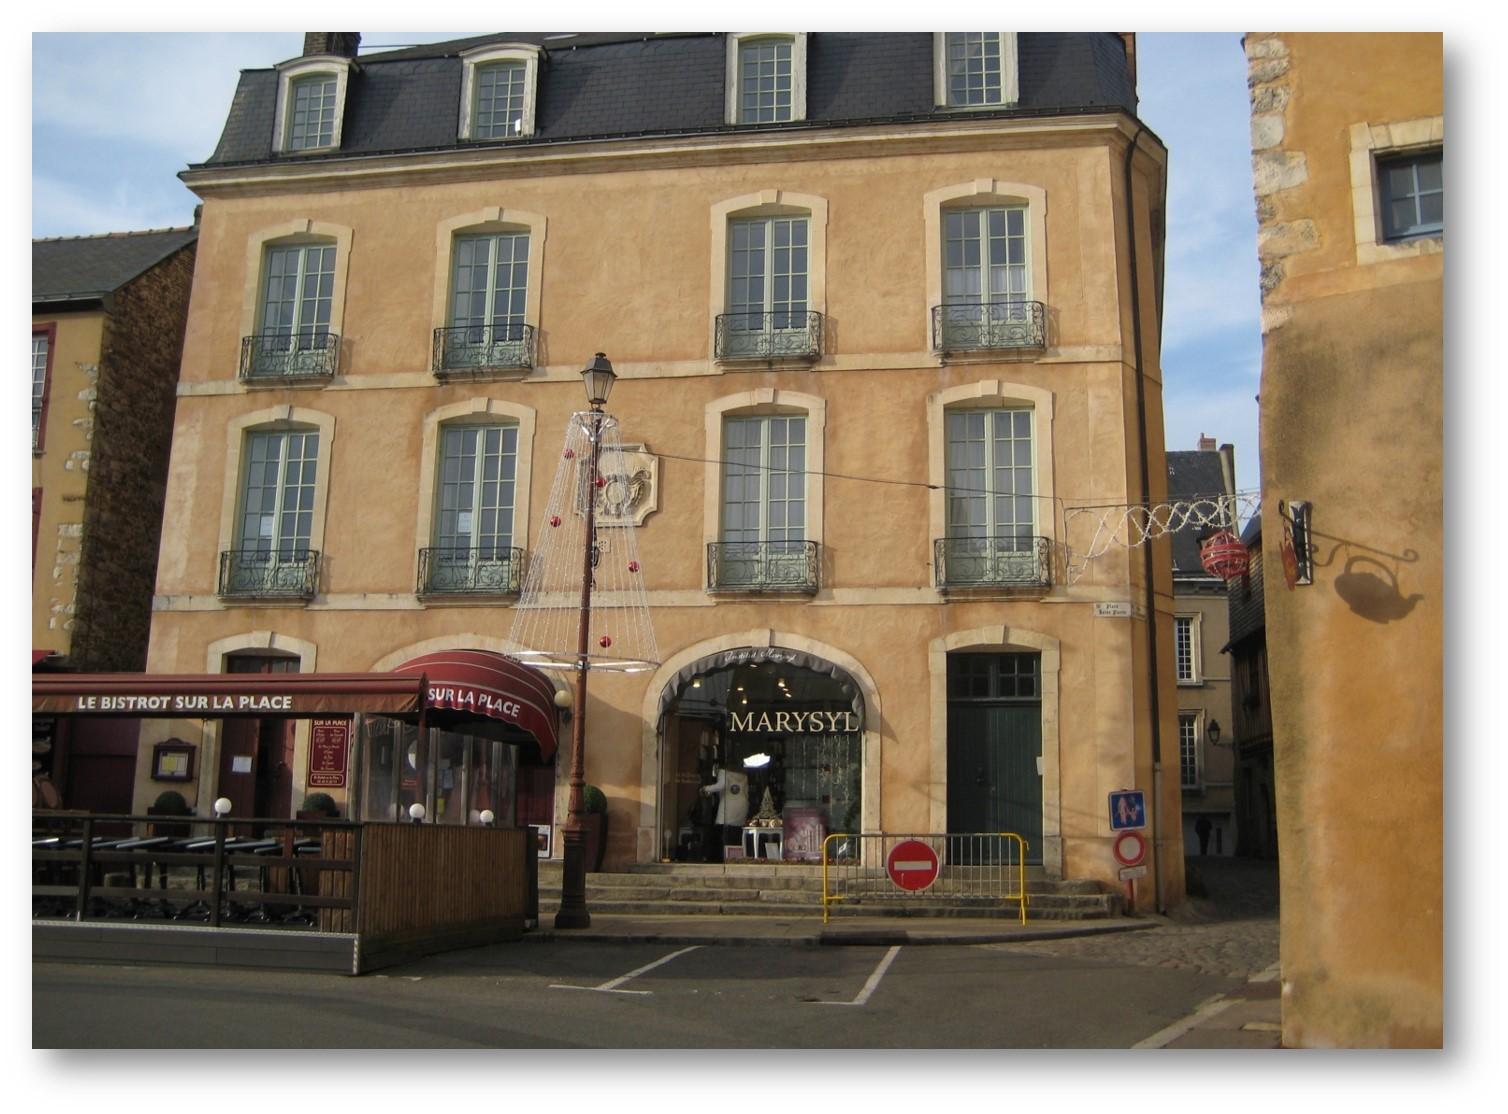 https://static.blog4ever.com/2015/02/794874/Maison-St-Michel.jpg